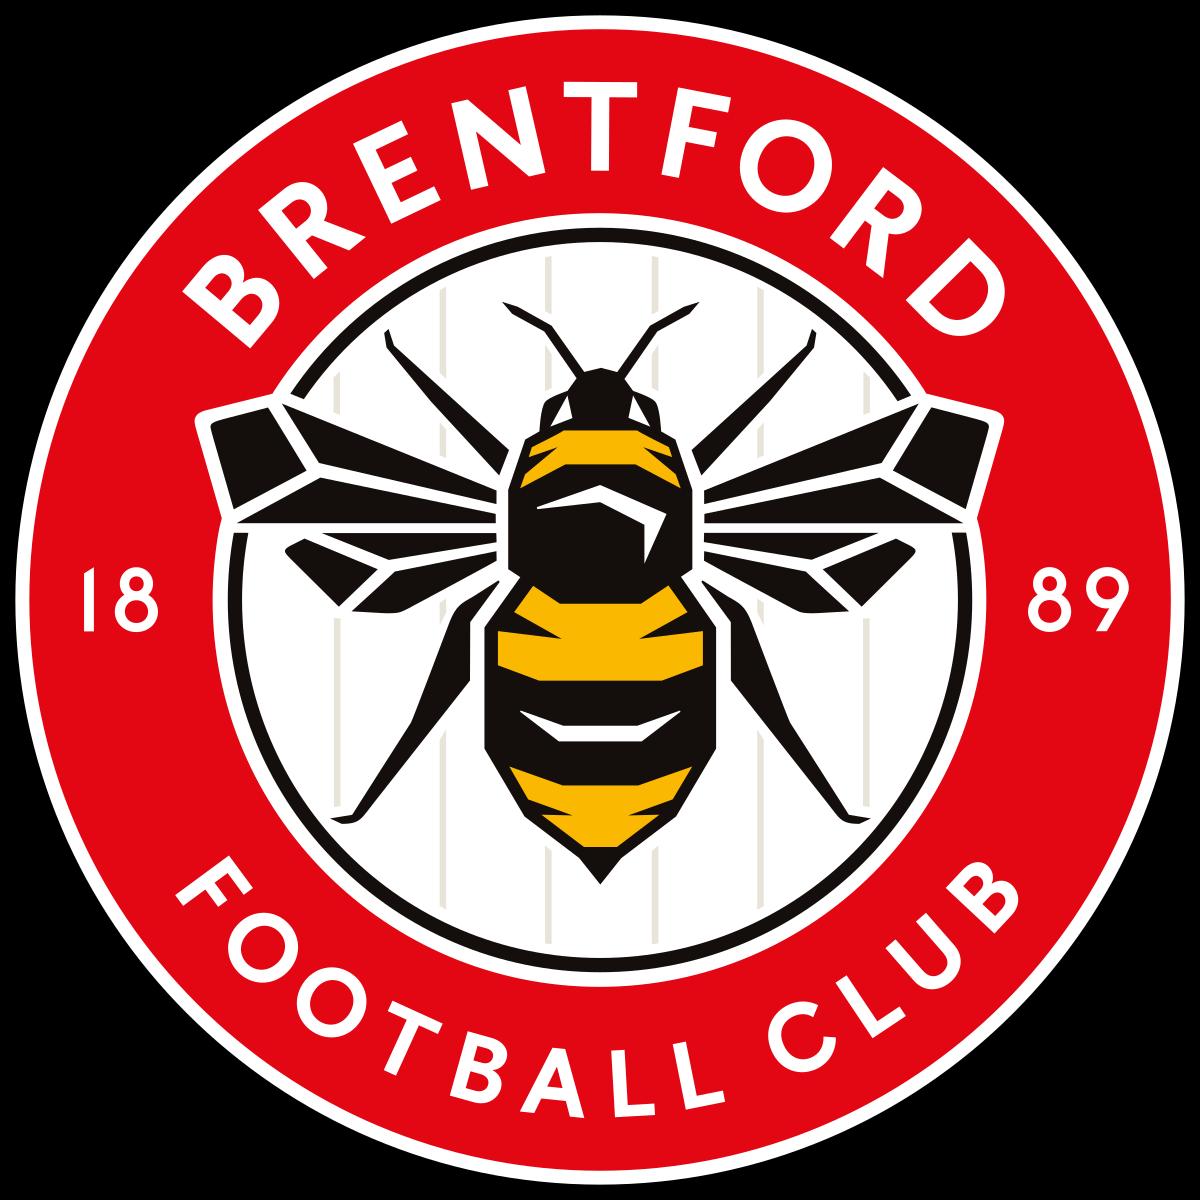 1200px-Brentford_FC_crest_svg.png